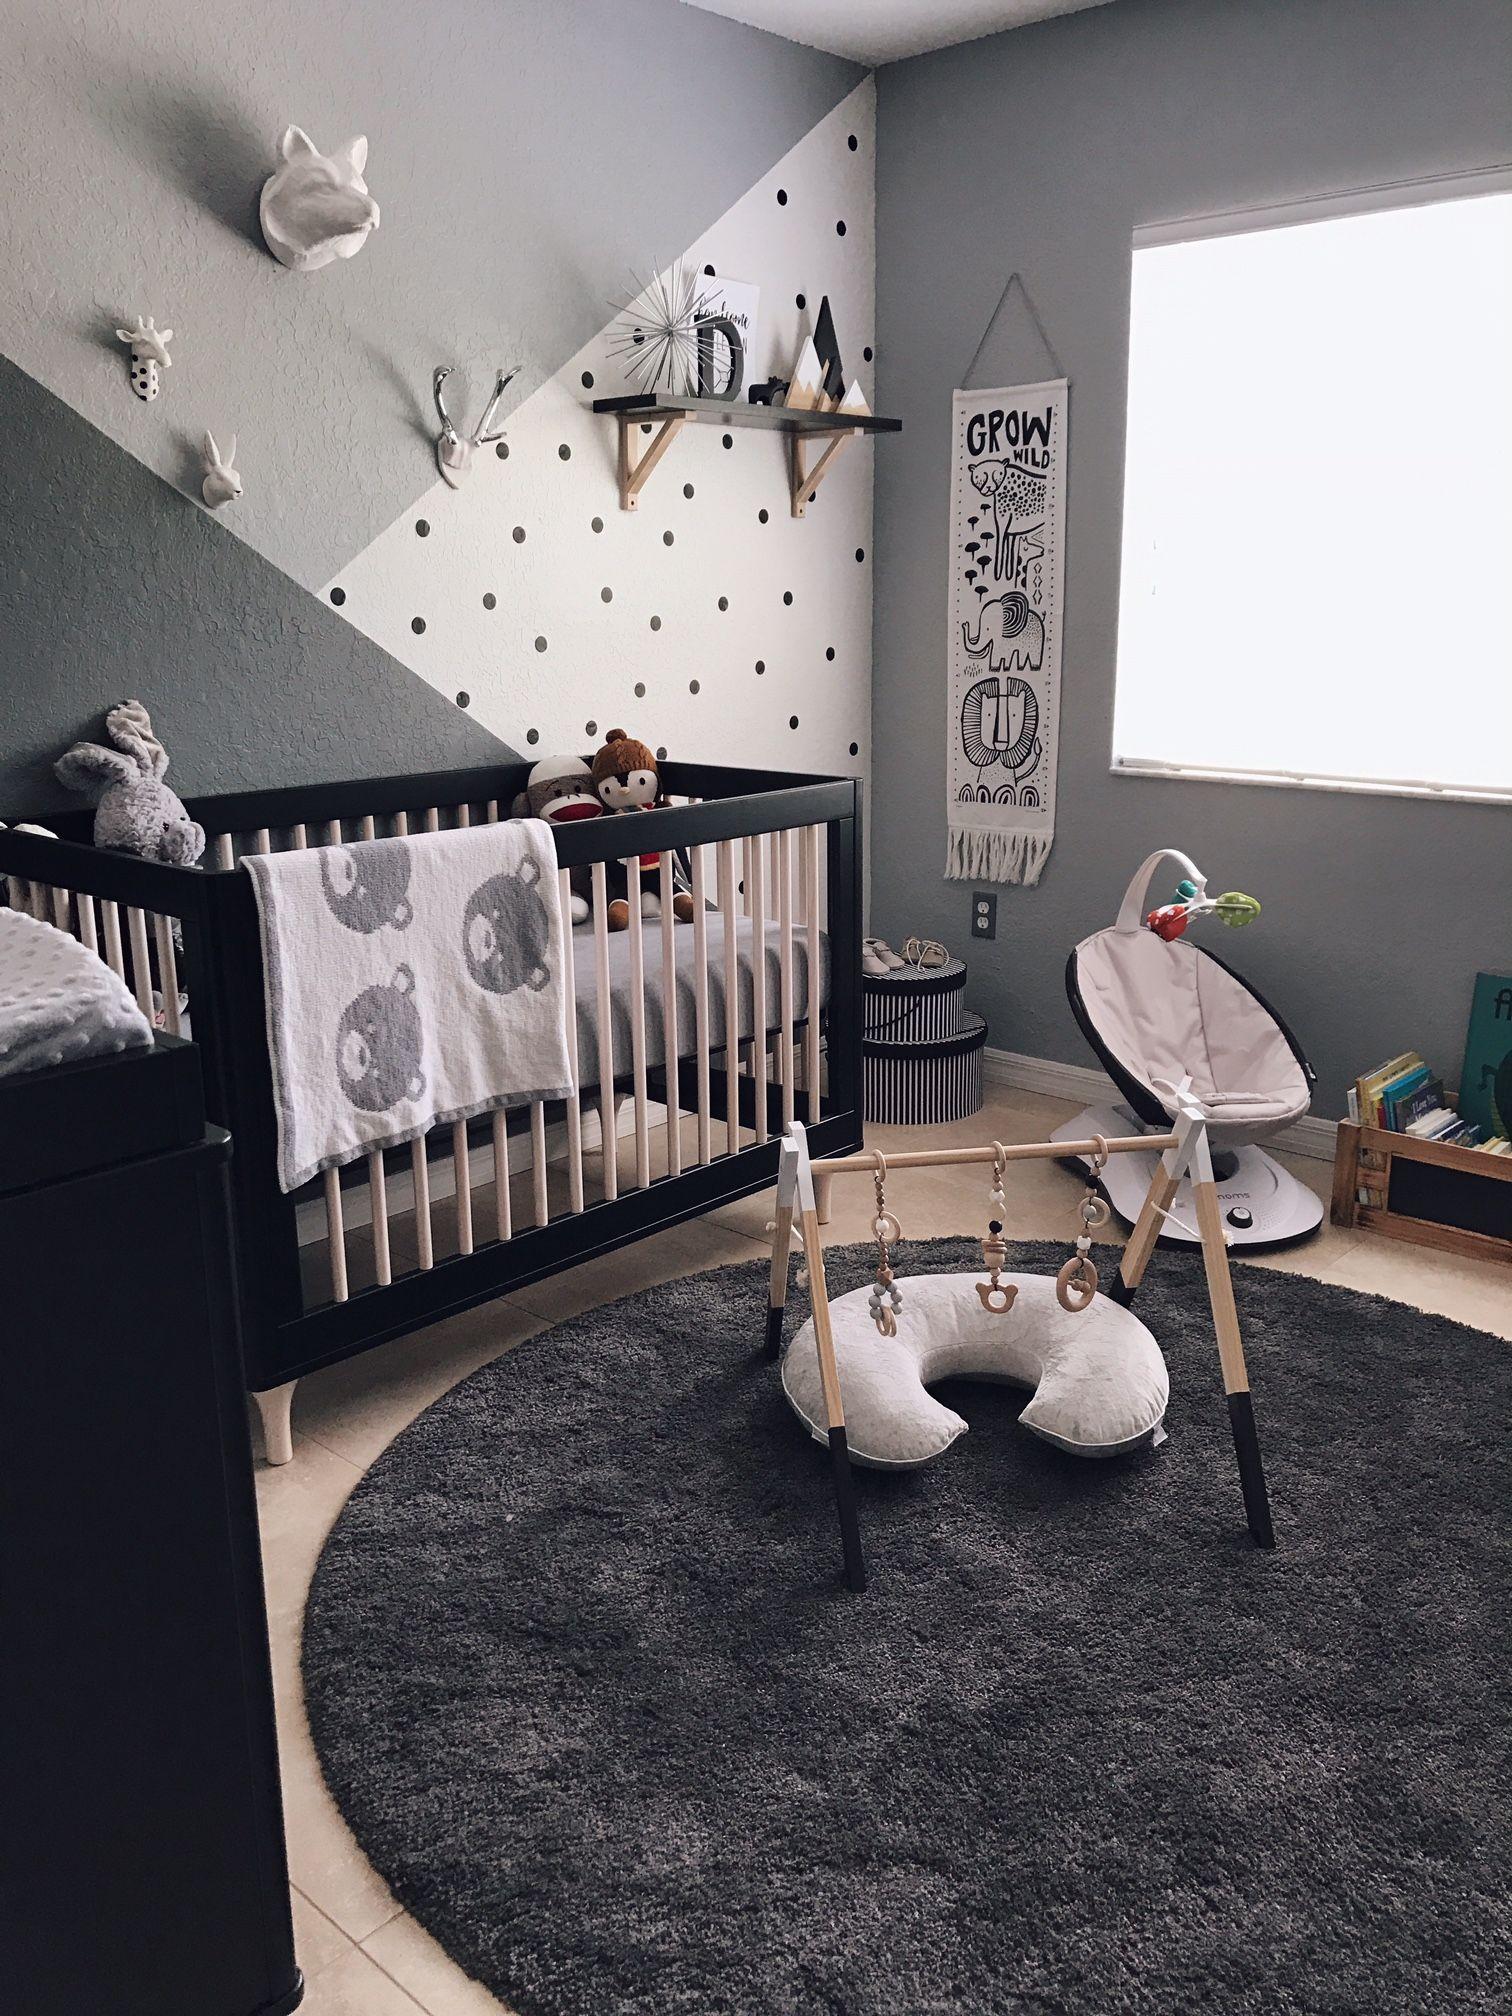 Monochrome Zoo Nursery | Zoo project, Project nursery and Nursery